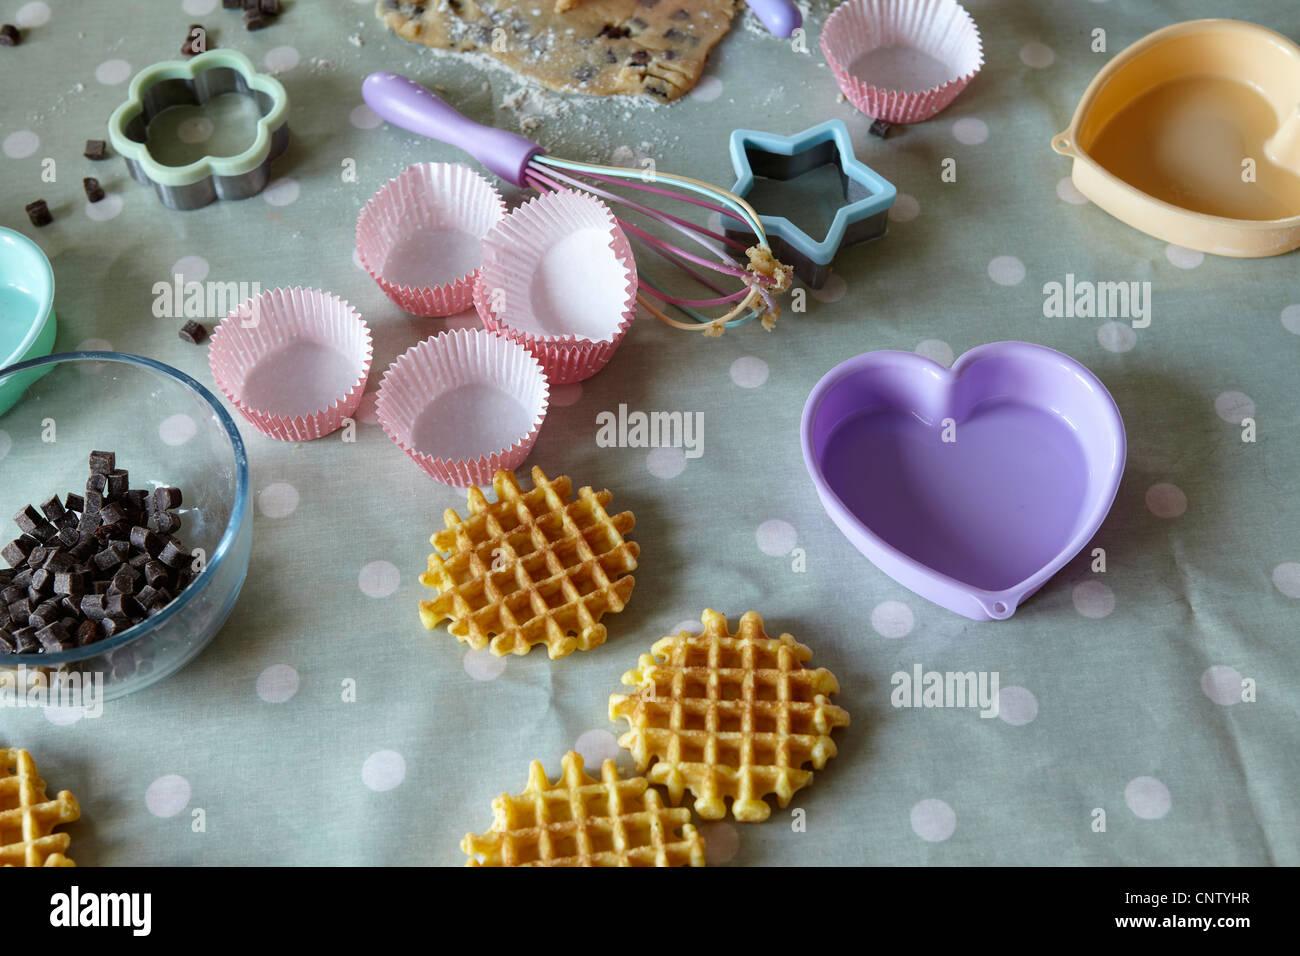 La cuisson à cuisine sale Photo Stock